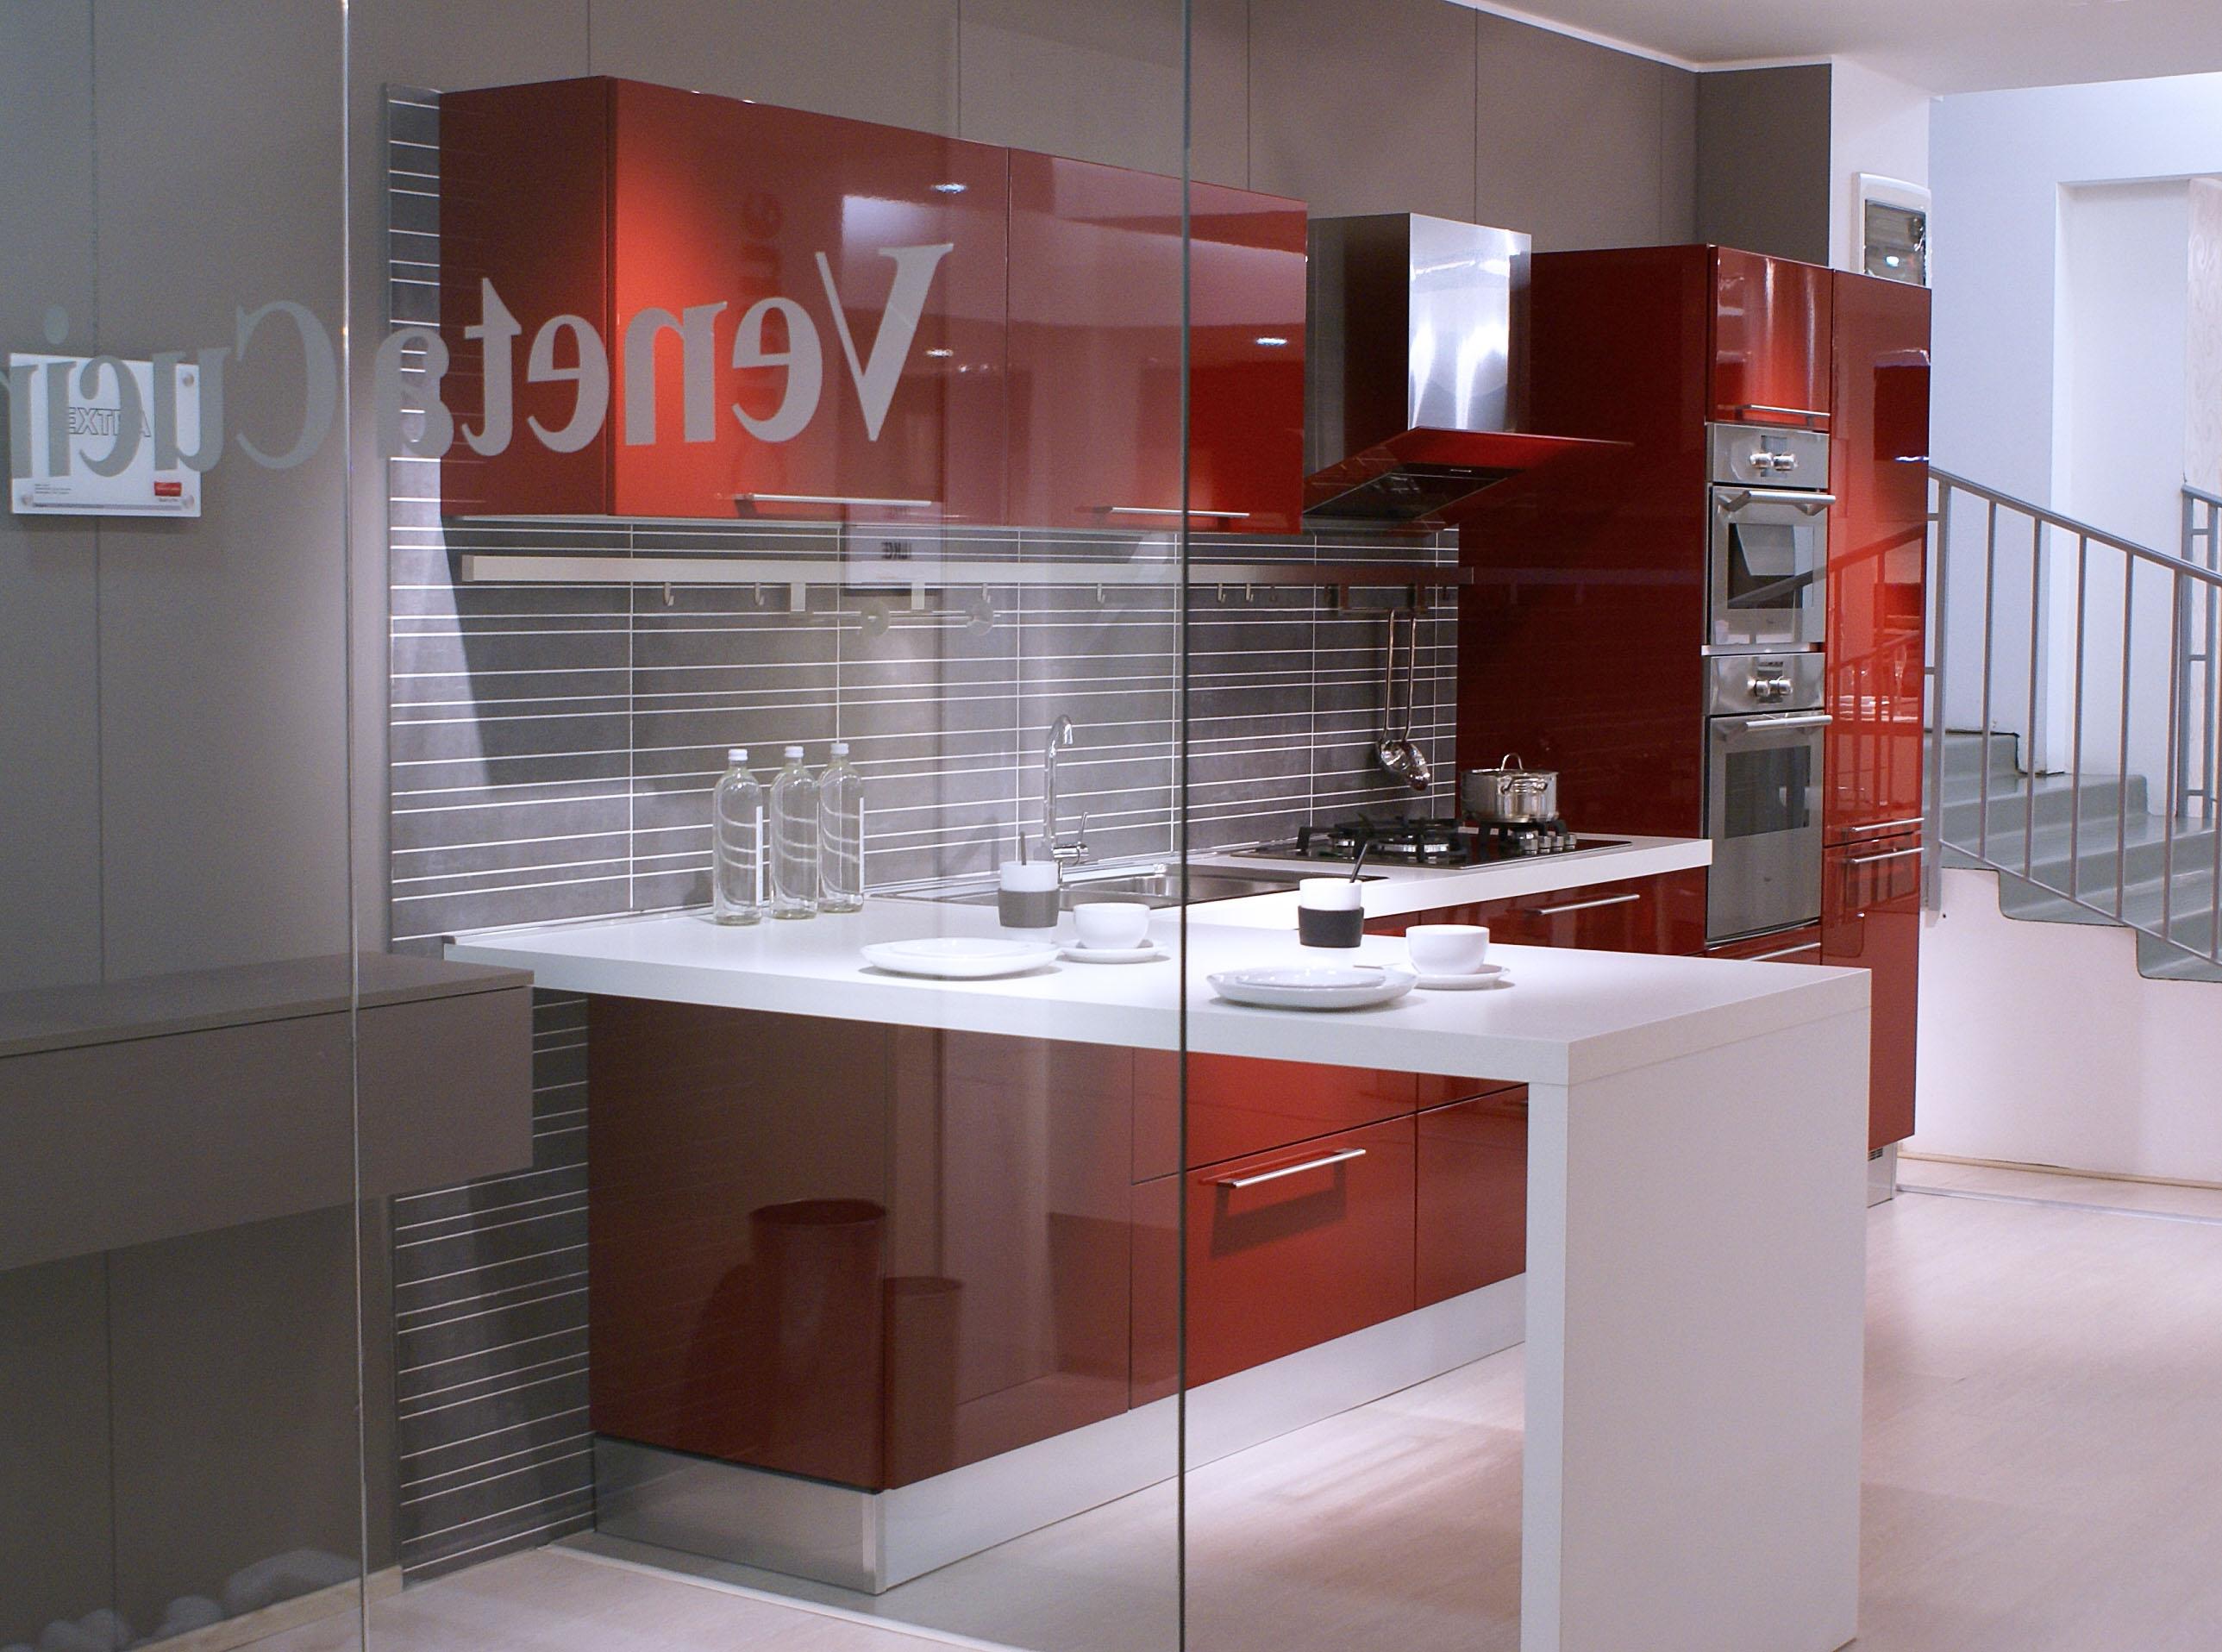 Awesome cucina veneta cucine extra con maniglia laccato lucido rosso amaranto moderno laccato - Cucina rossa e bianca ...